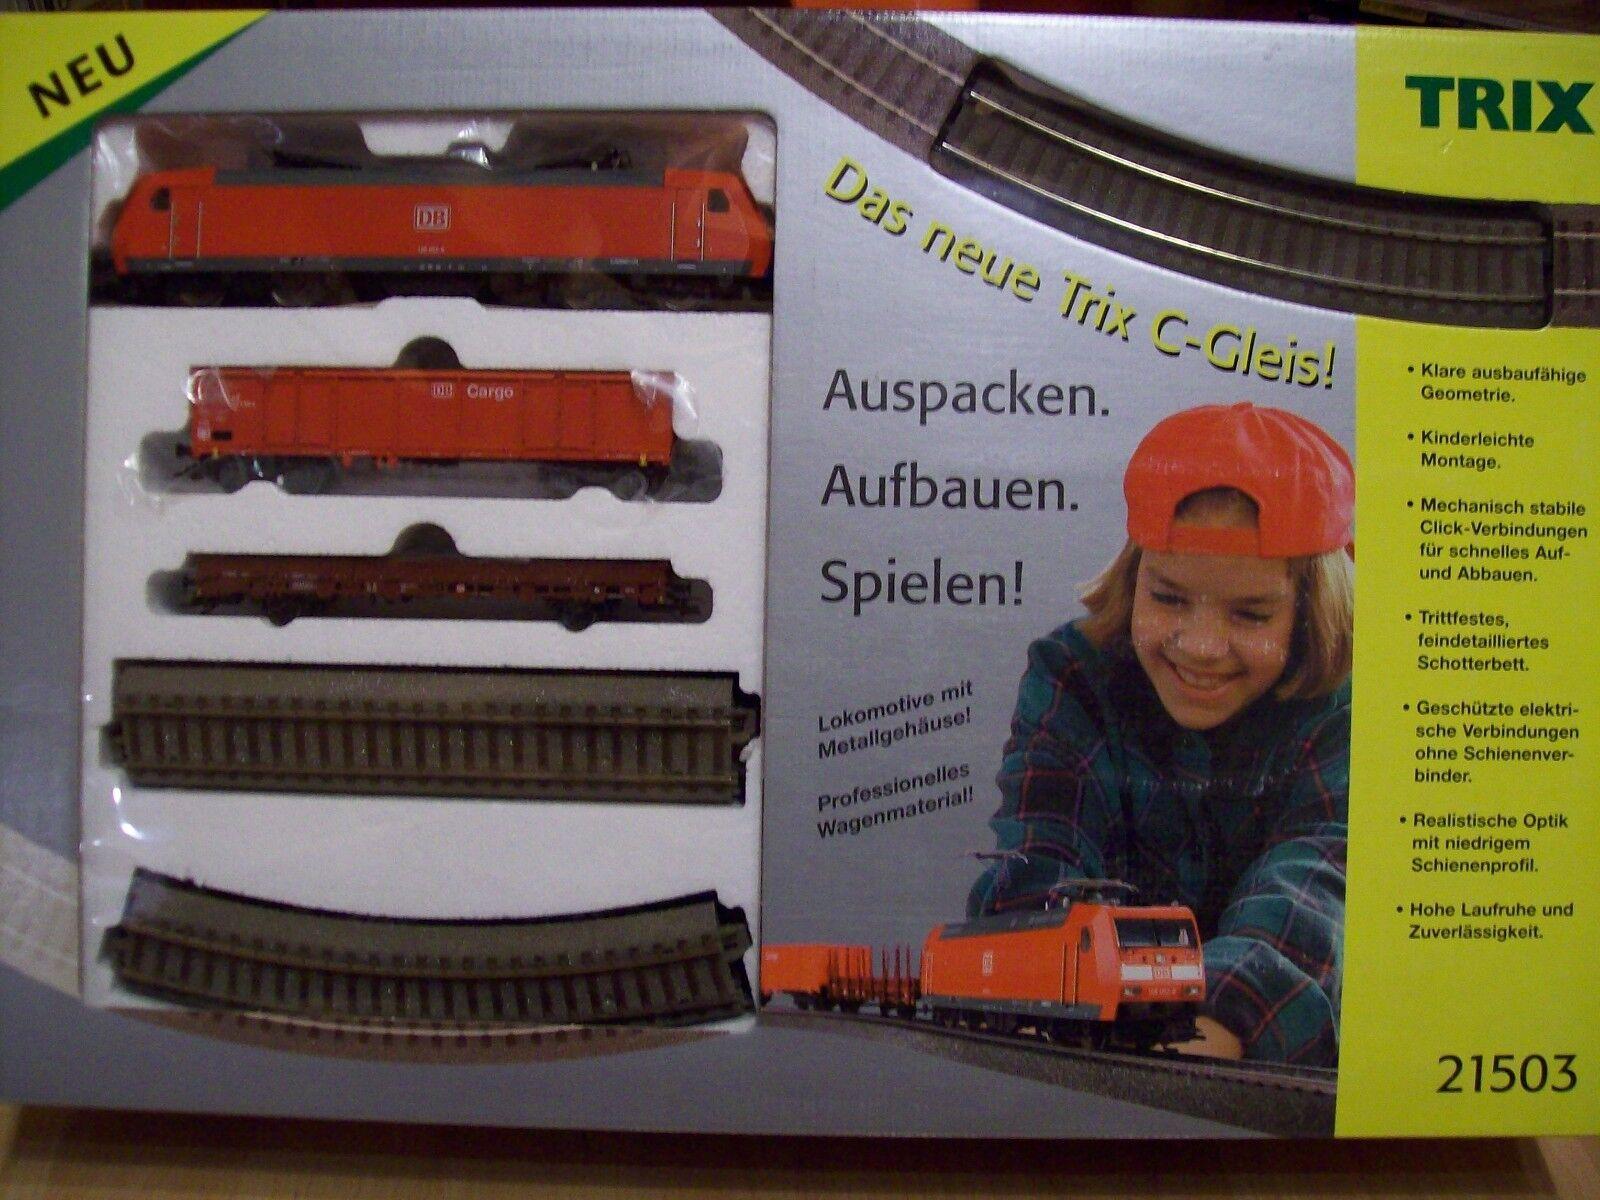 Trix 21503 Startset mit BR 185  2 Güterwagen, Gleisoval, Trafo  Neu  OVP  | Große Klassifizierung